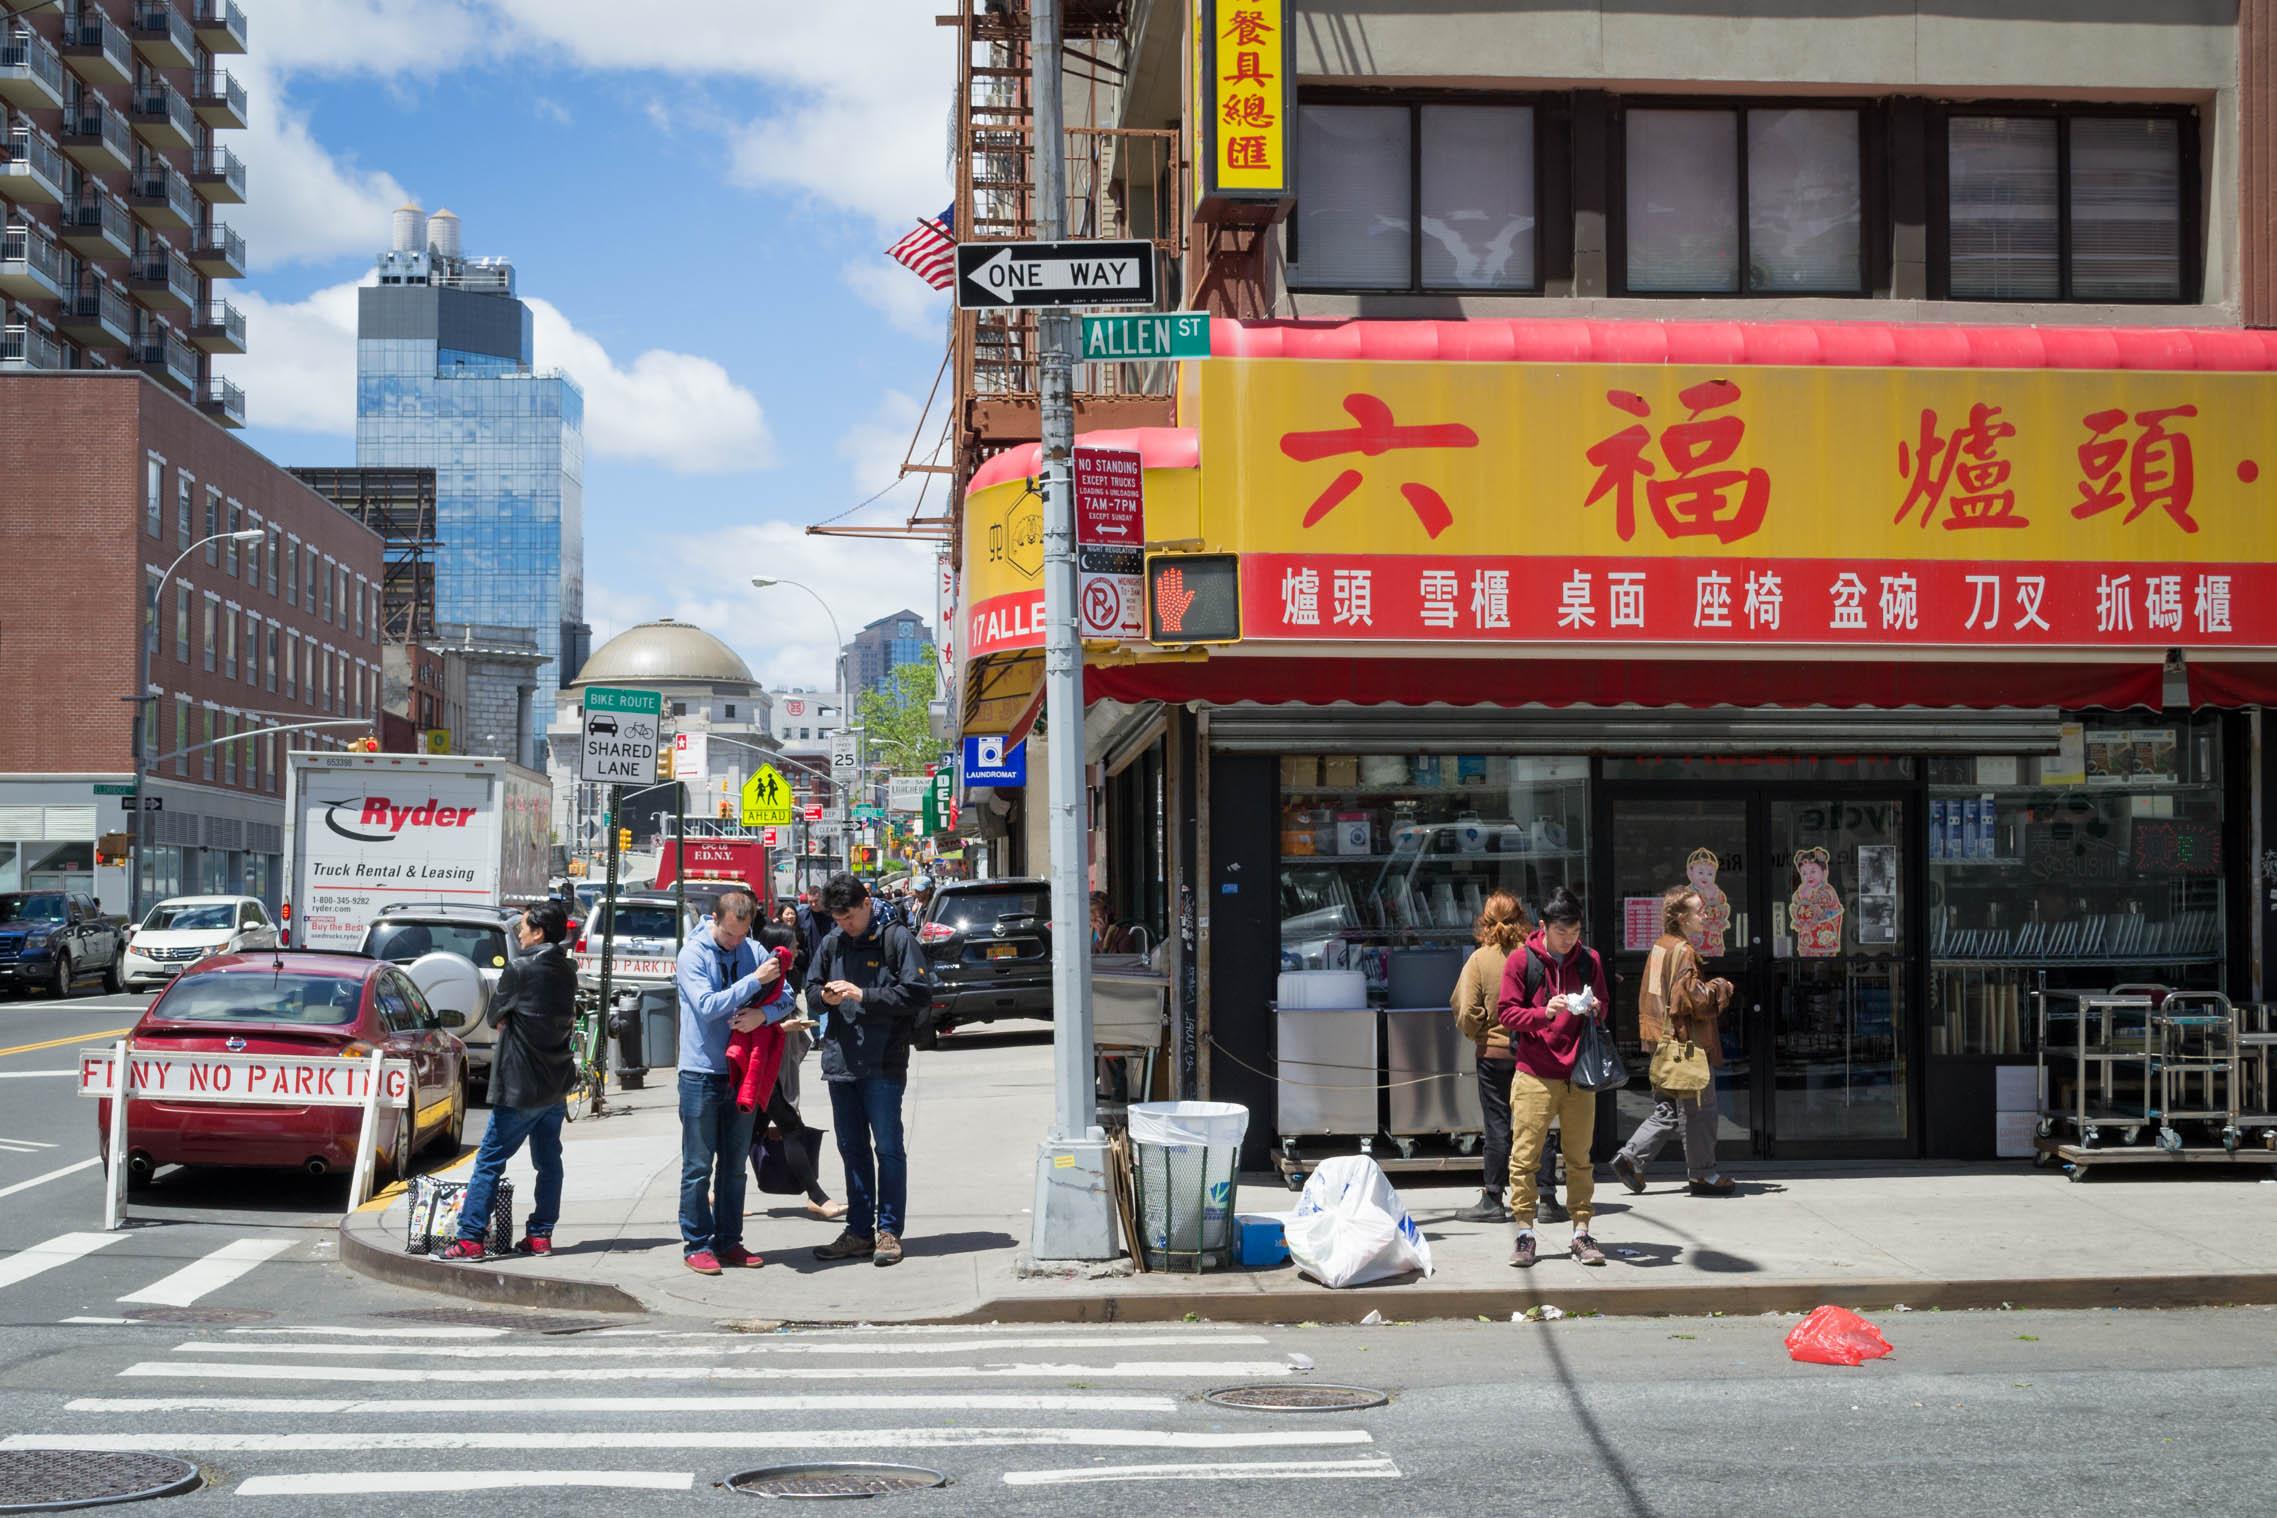 La Chine est à tous les coins de rue à Chinatown